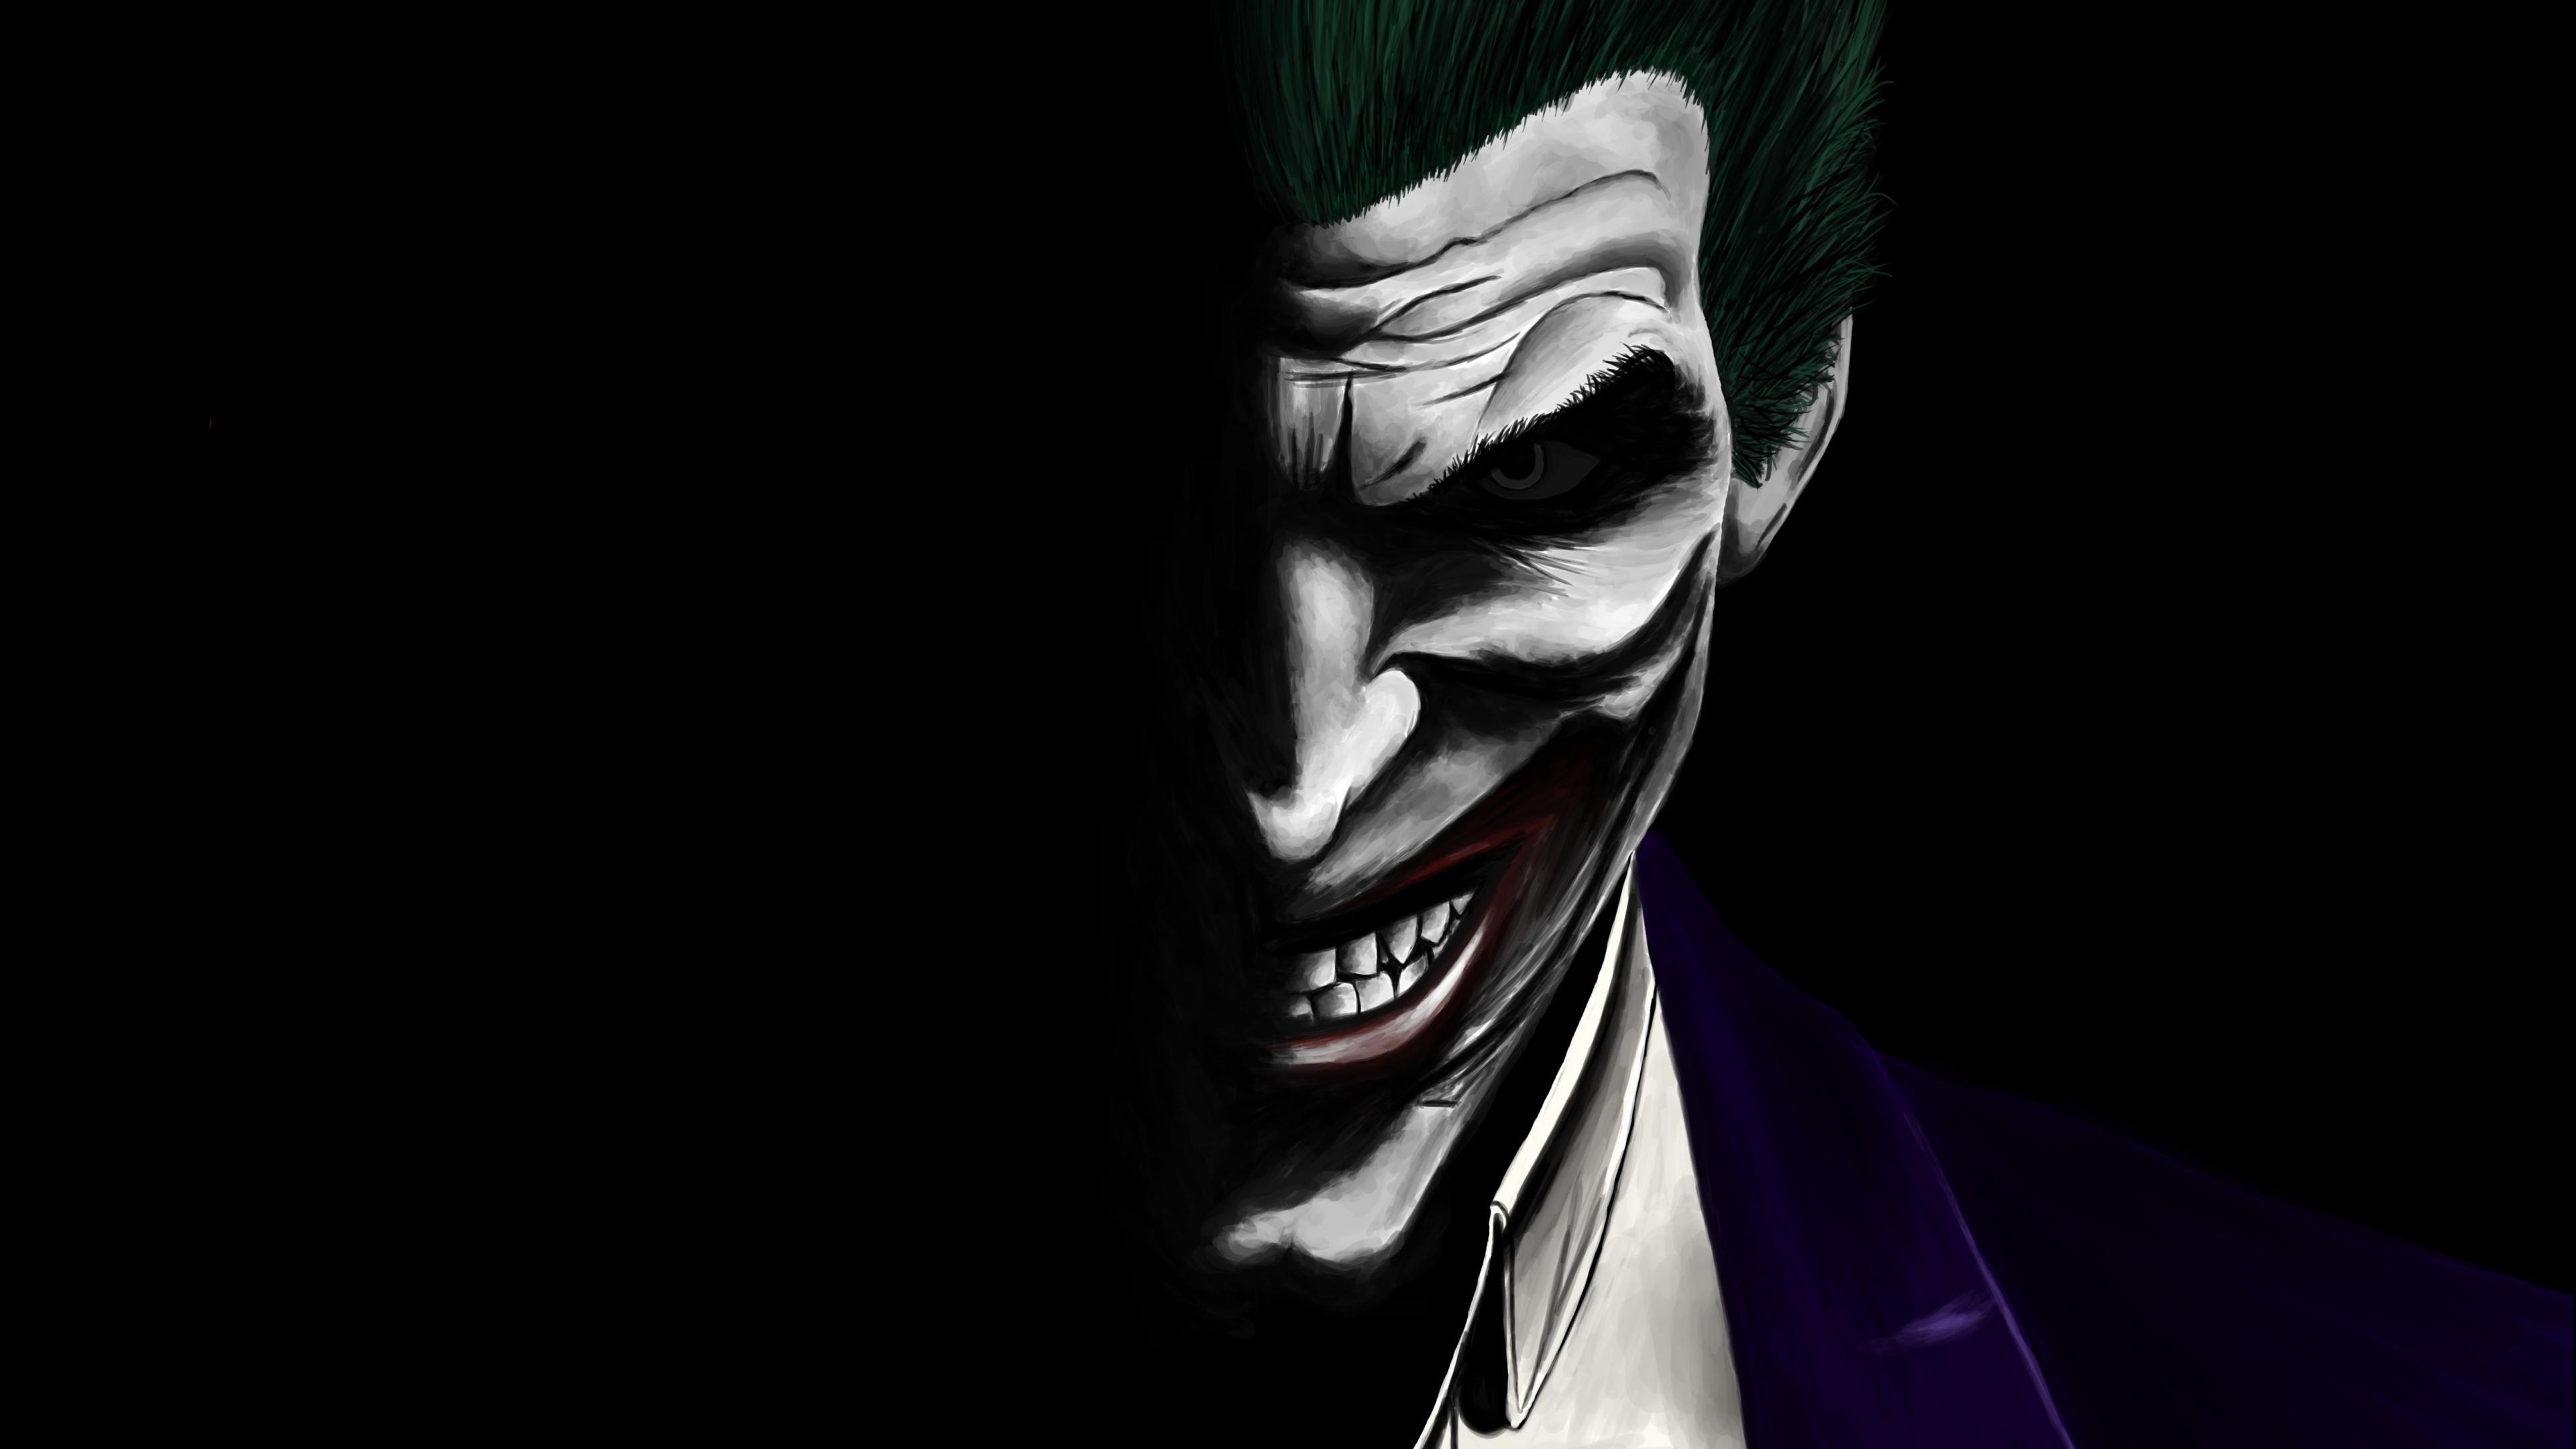 Download 3840x2160 Wallpaper Joker Dark Dc Comics Villain